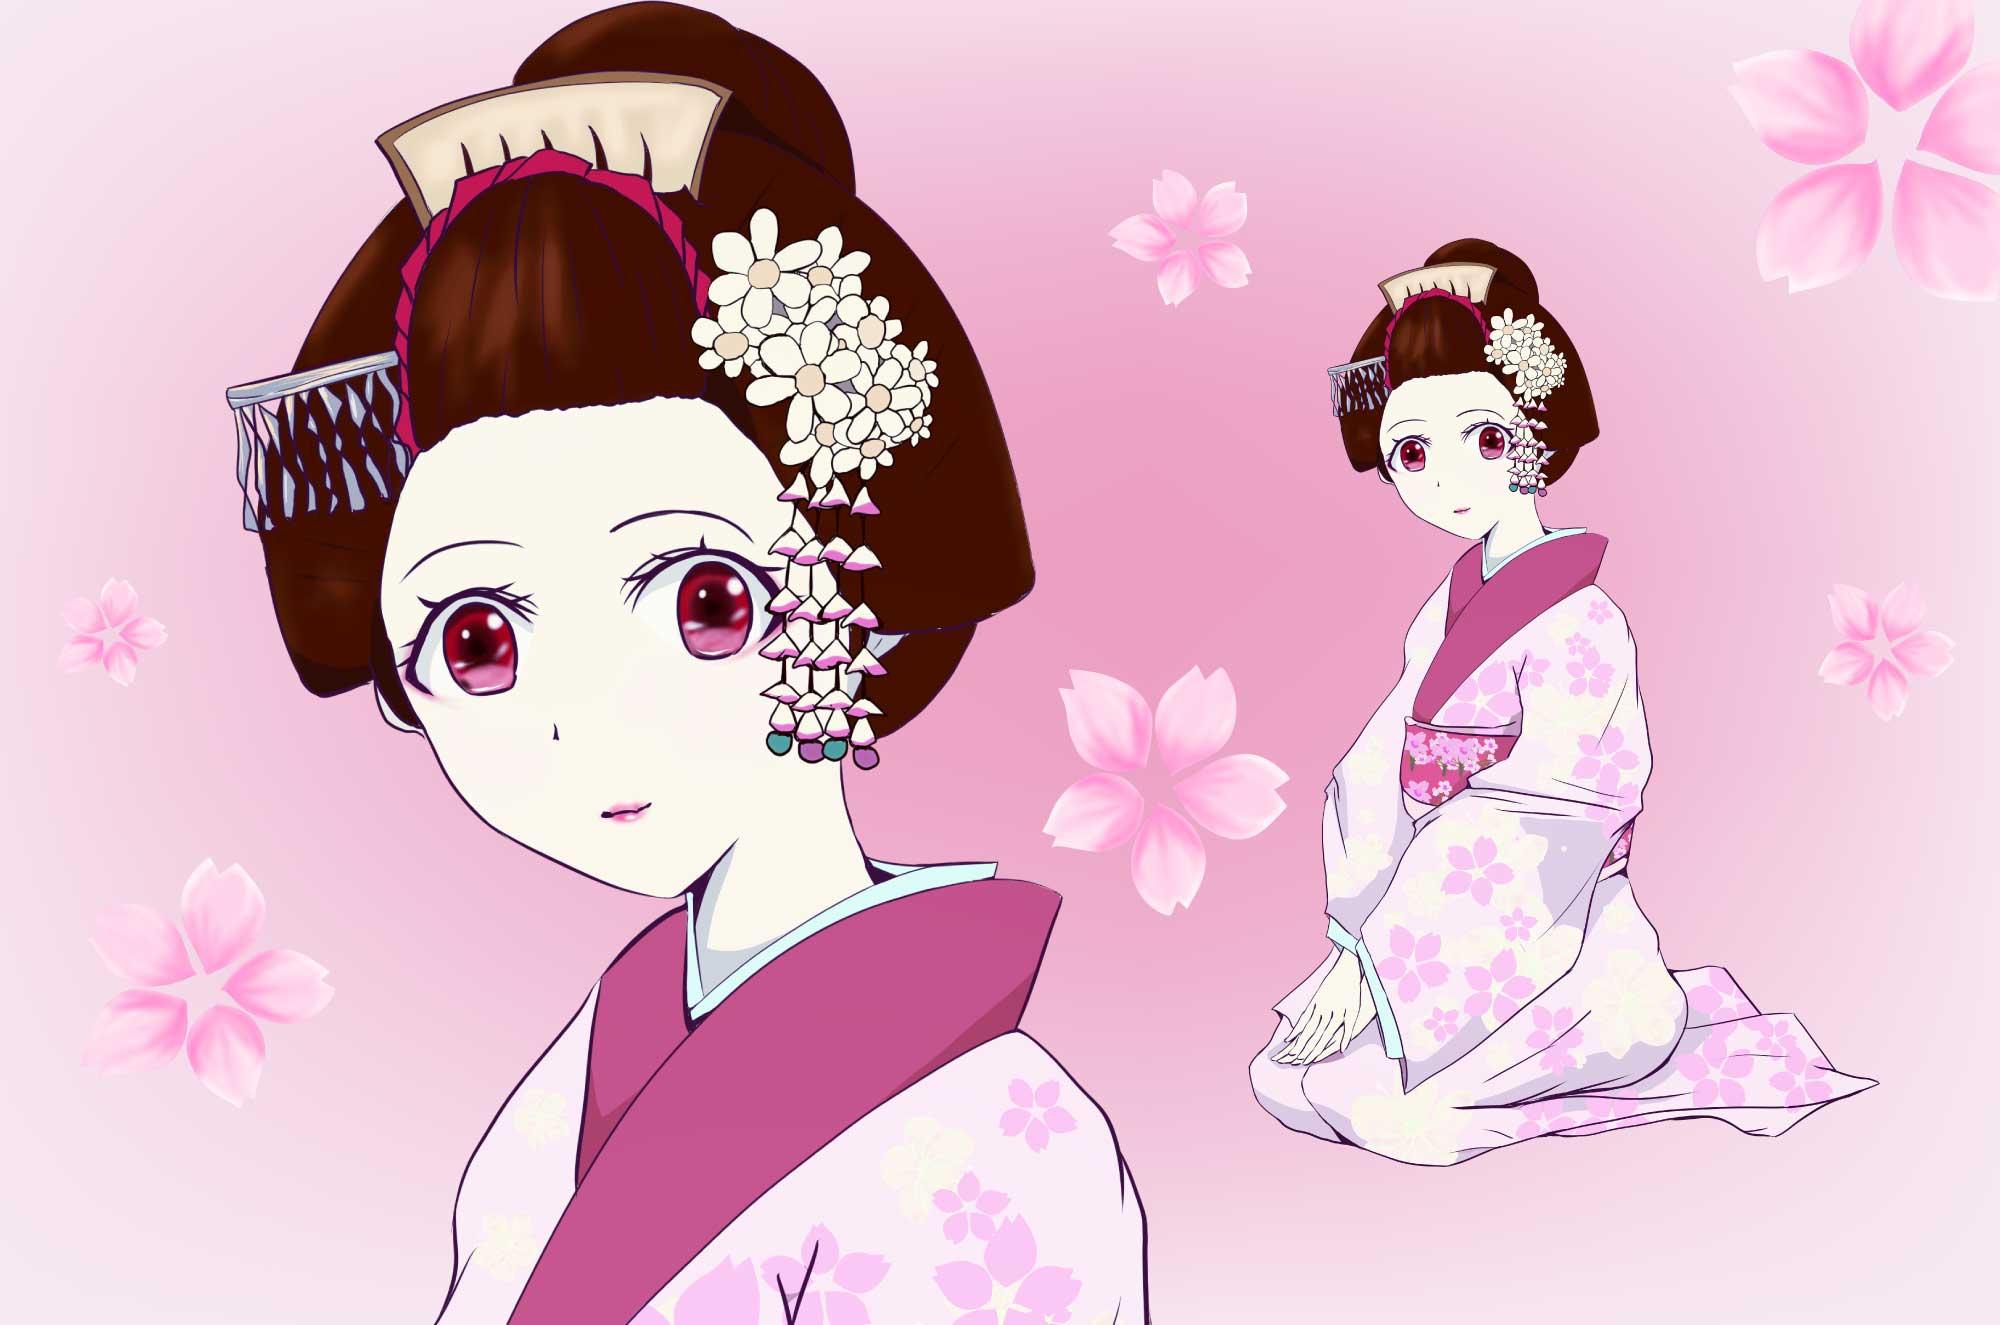 可愛い舞妓の無料イラスト - キャラクターフリー素材